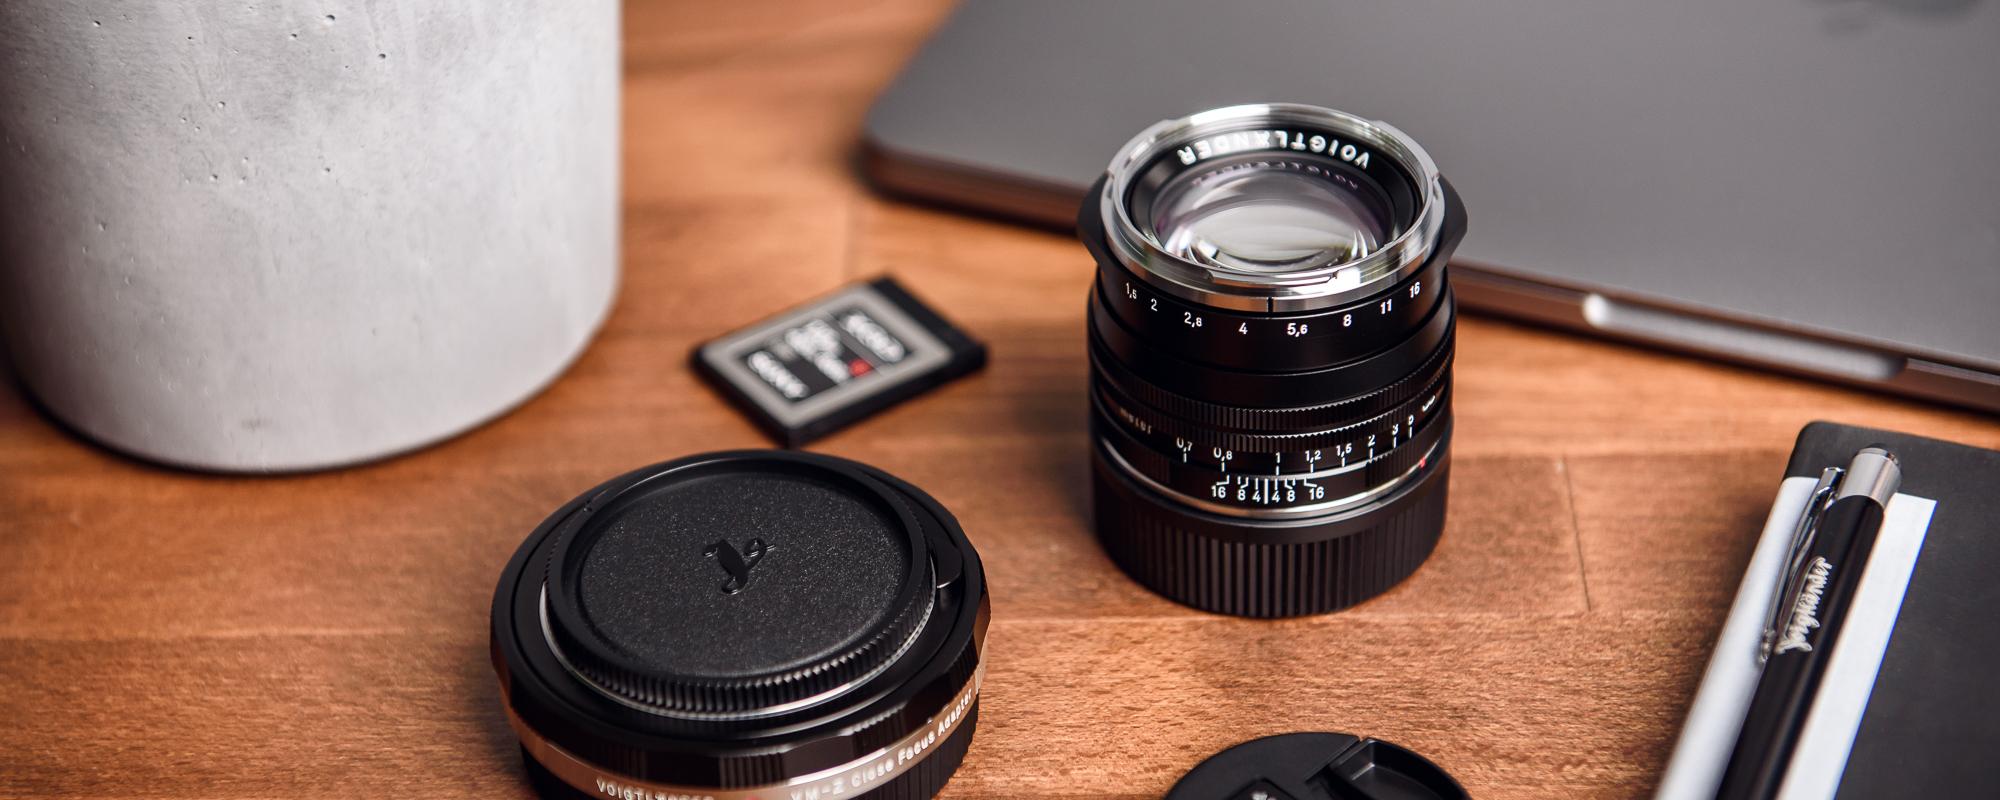 Obiektyw Voigtlander Nokton II 50 mm f/1,5 do Leica M - SC, czarny - na biurku